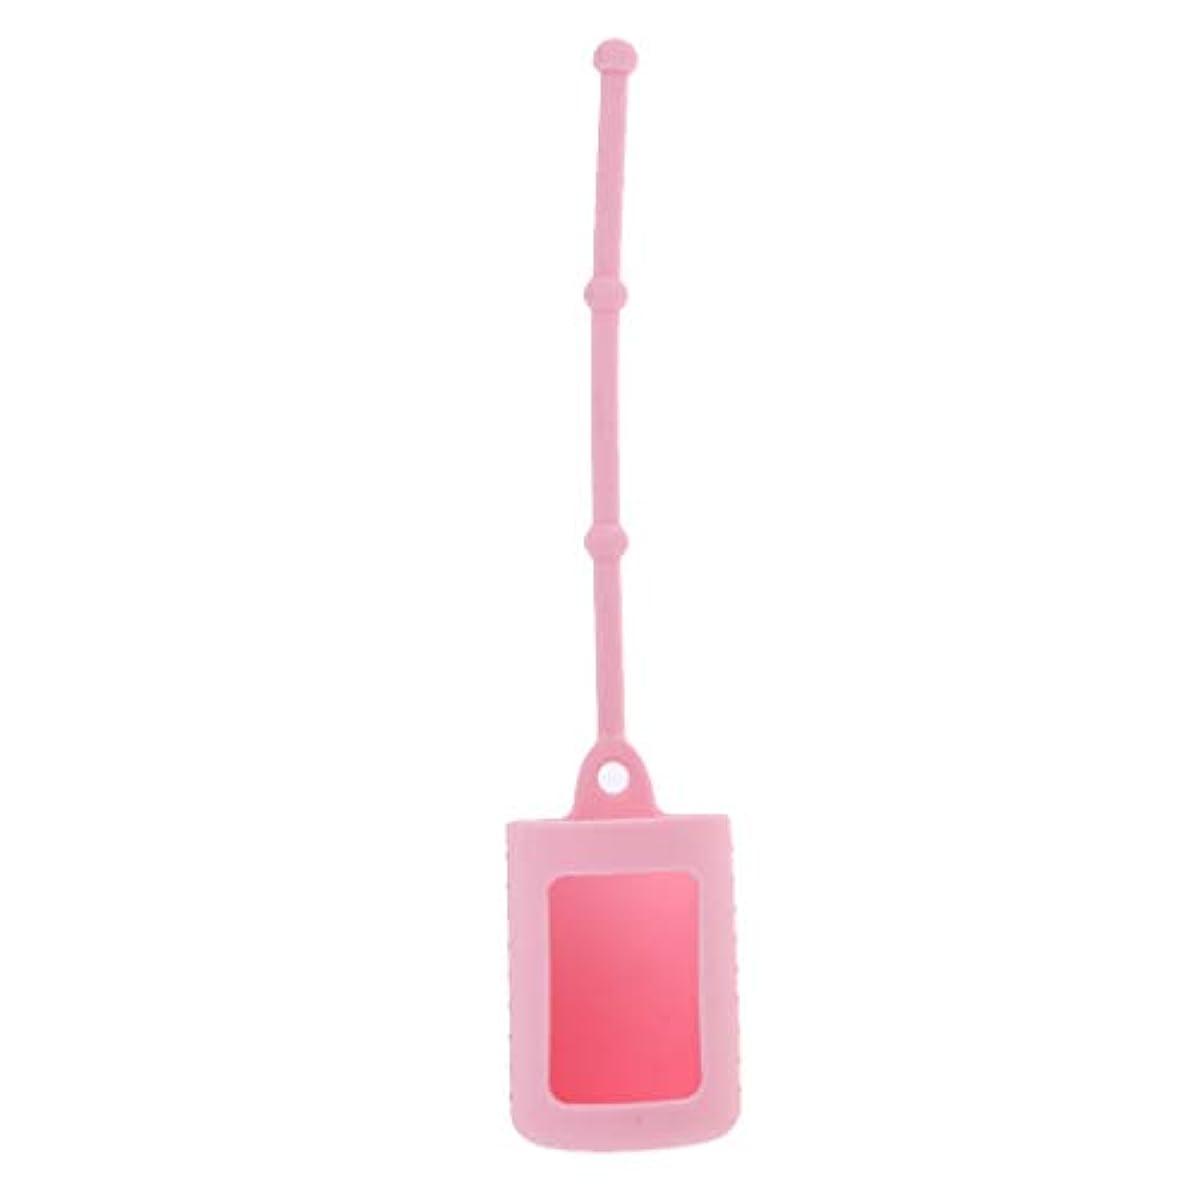 動かすメロディアスきょうだいボトルホルダー シリコンスリーブ 15ミリリットル ローラーボトル用 6色選べ - ピンク